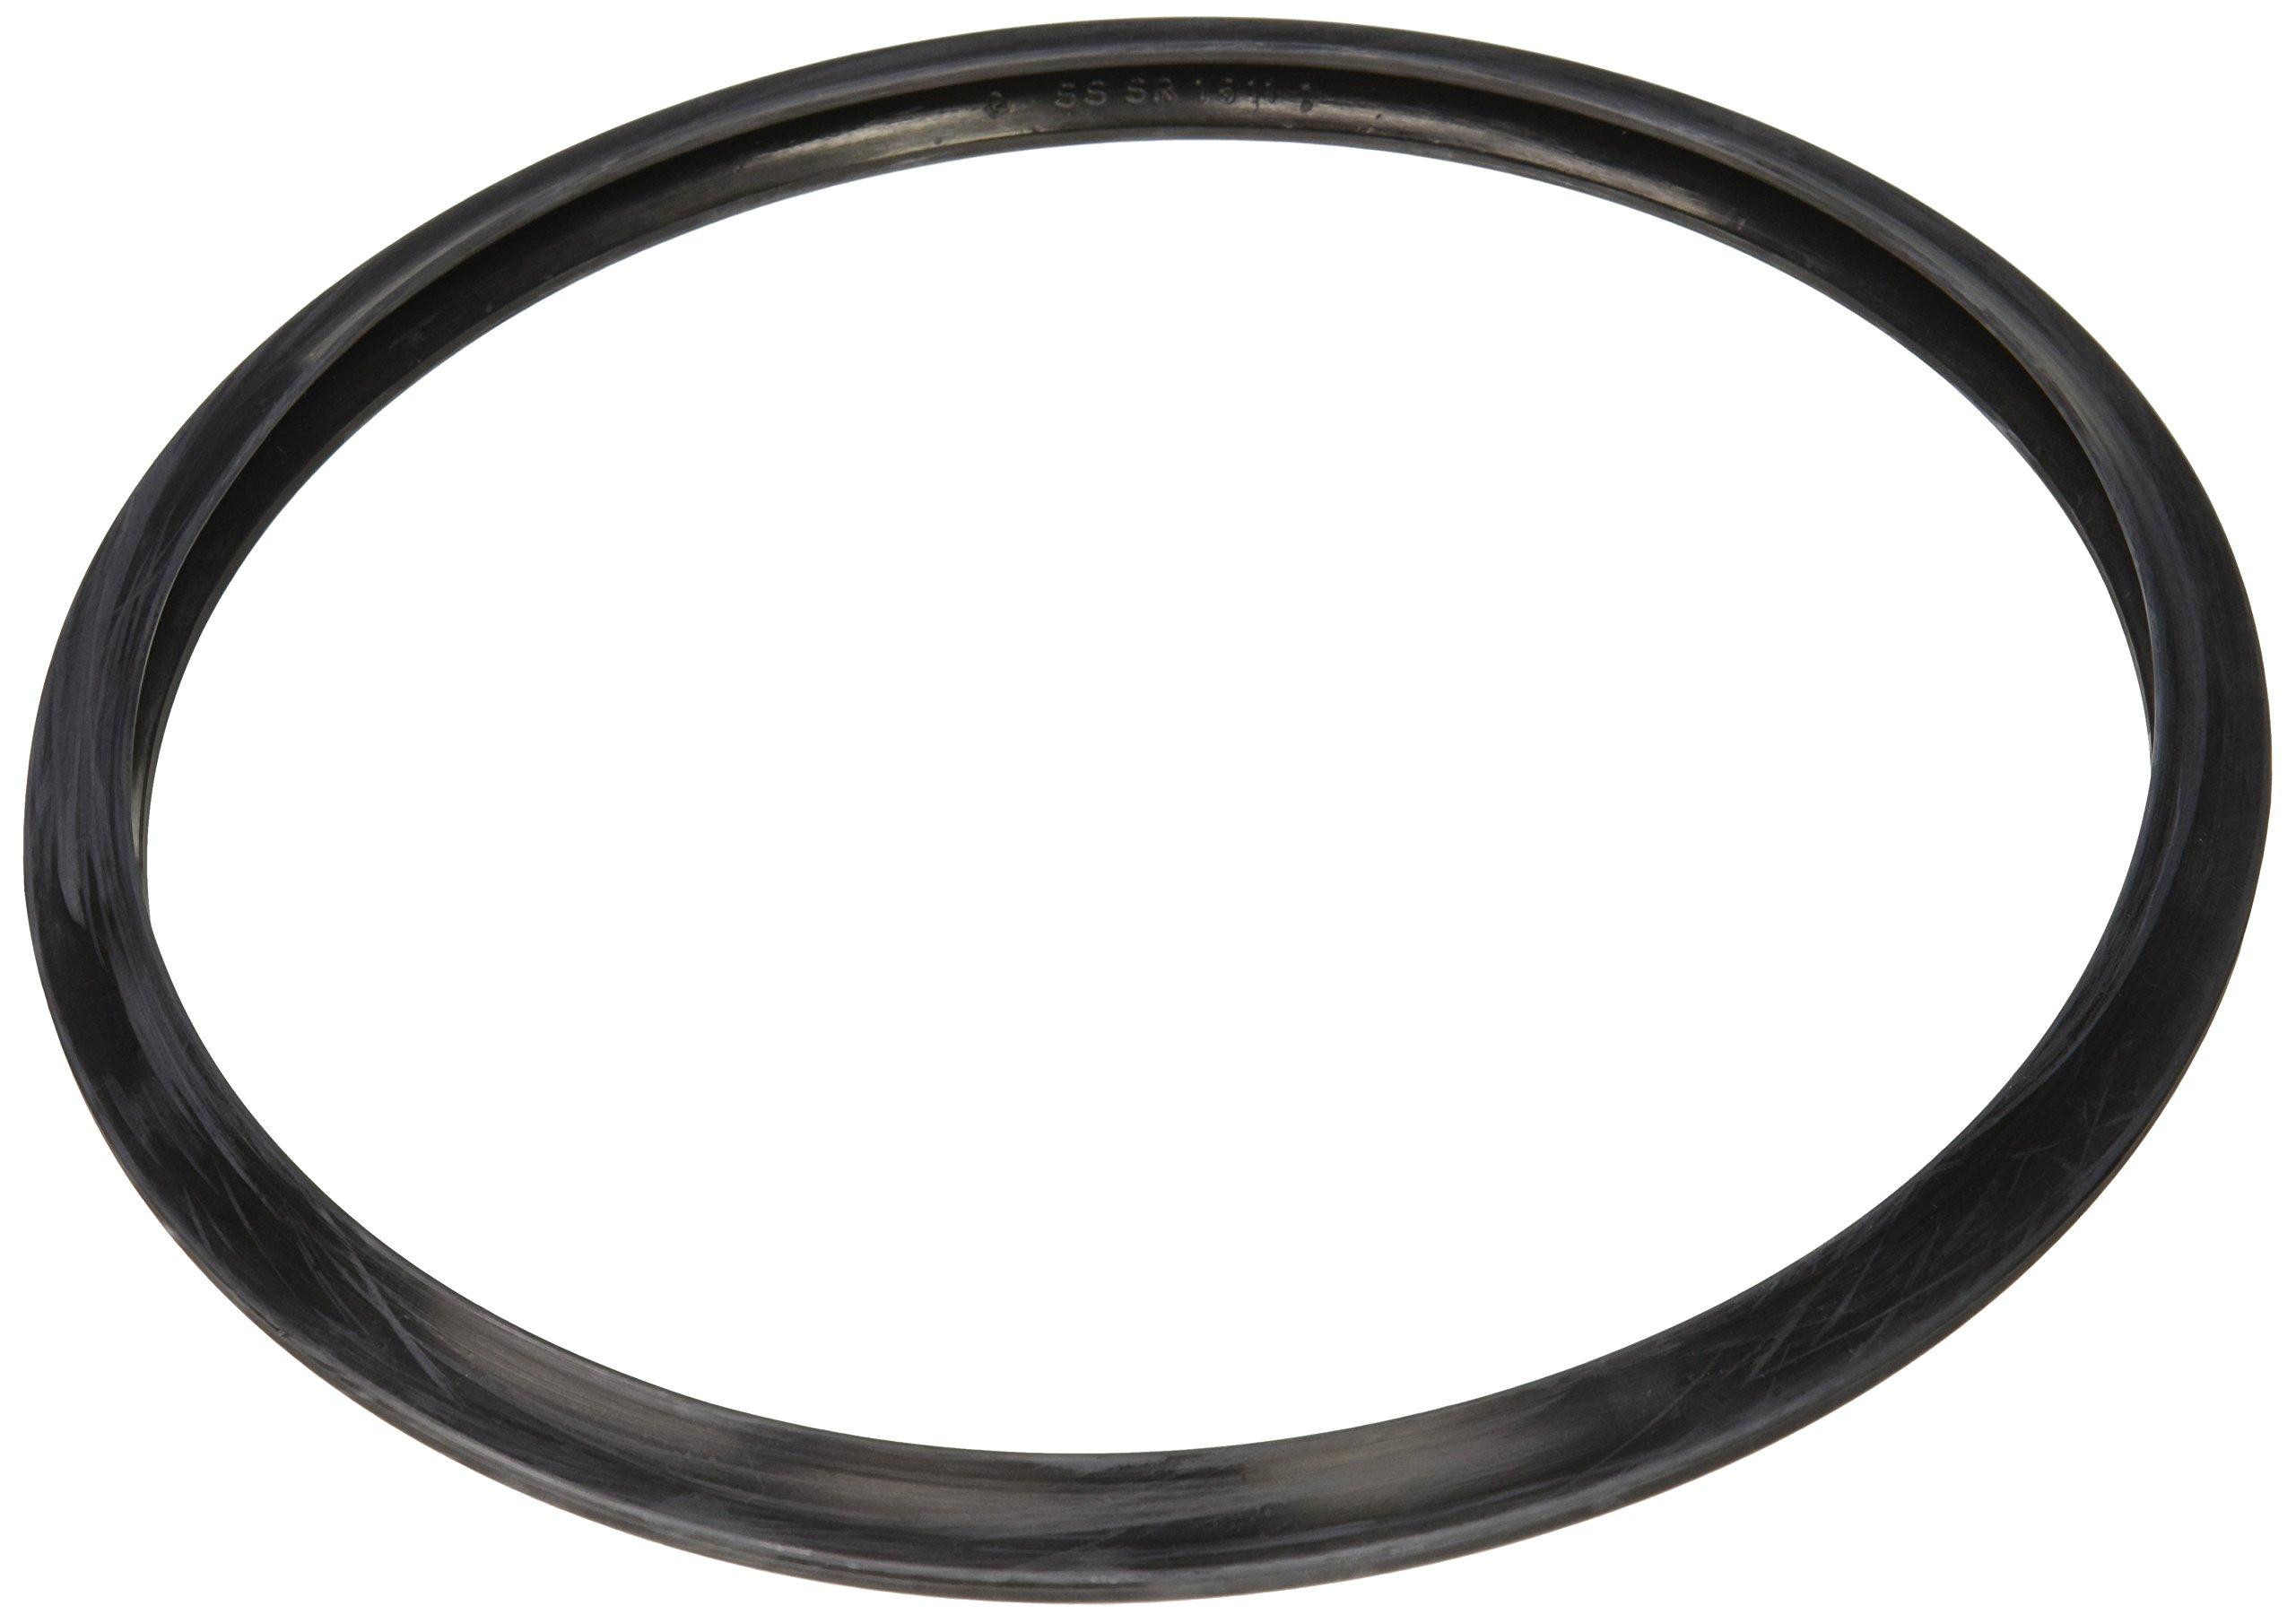 Prestige Senior Sealing Ring Gasket for Deluxe Plus Stainless Steel 6.5/8/10-Liter Pressure Cookers & Deep Pressure Pans